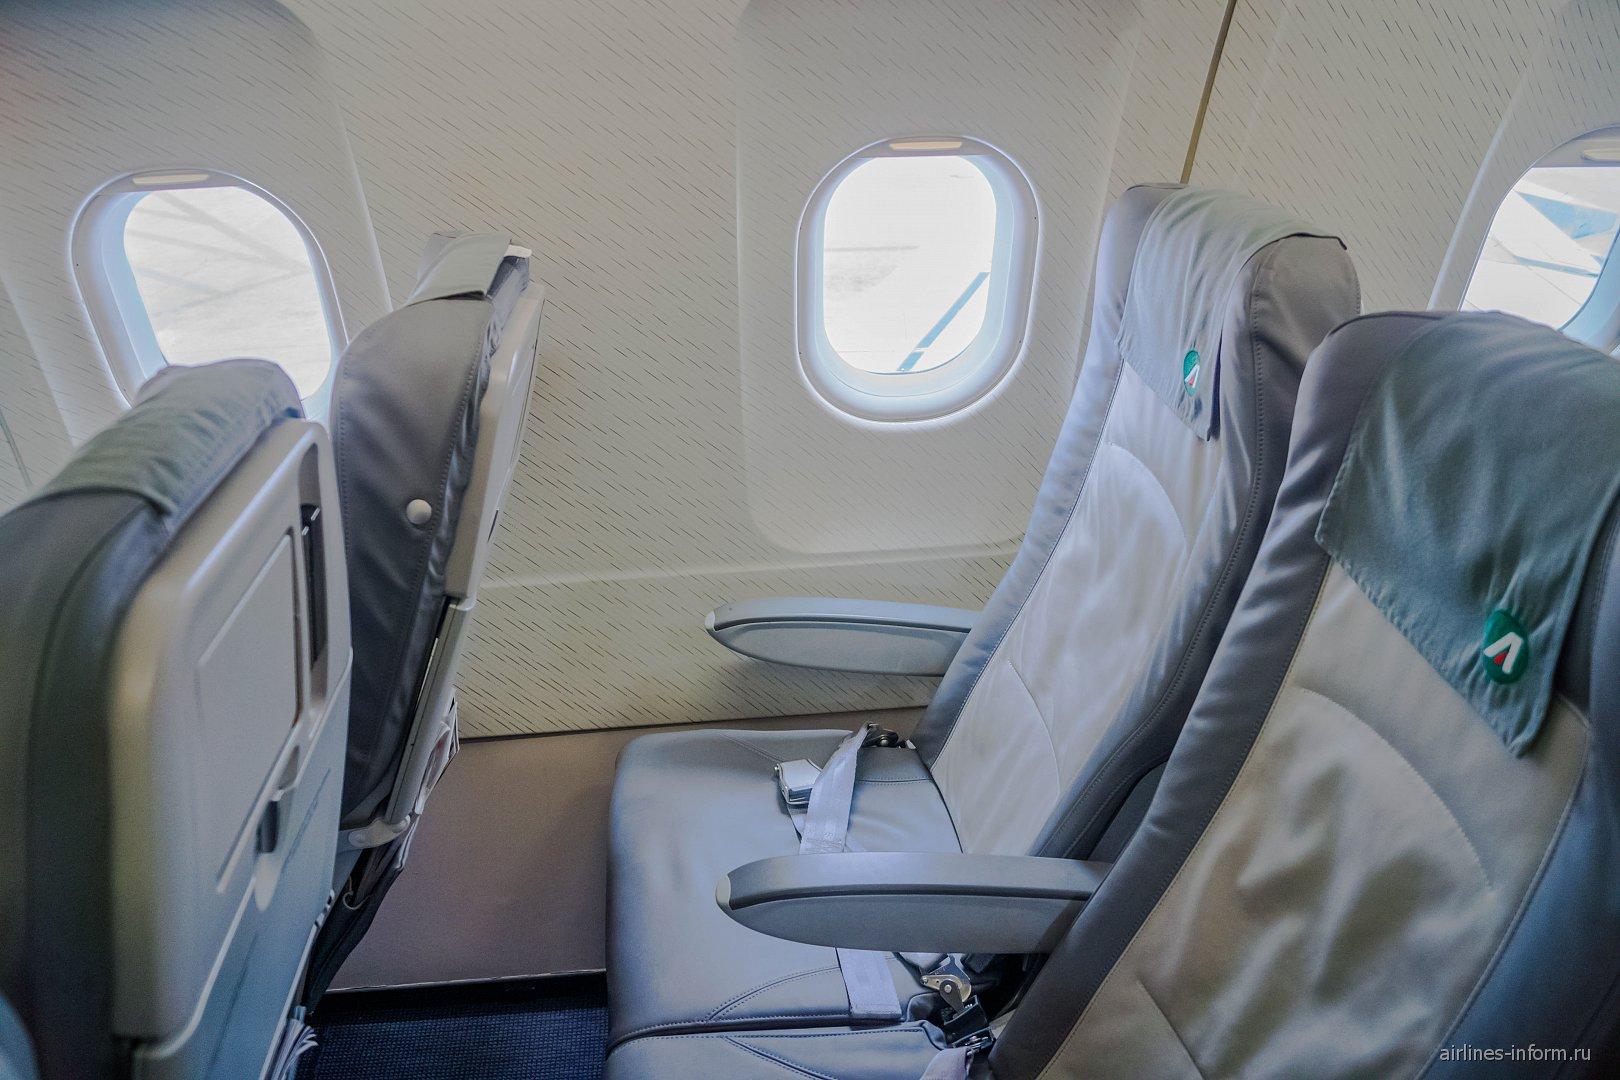 ������������ ������ � �������� Airbus A321 ������������ Alitalia